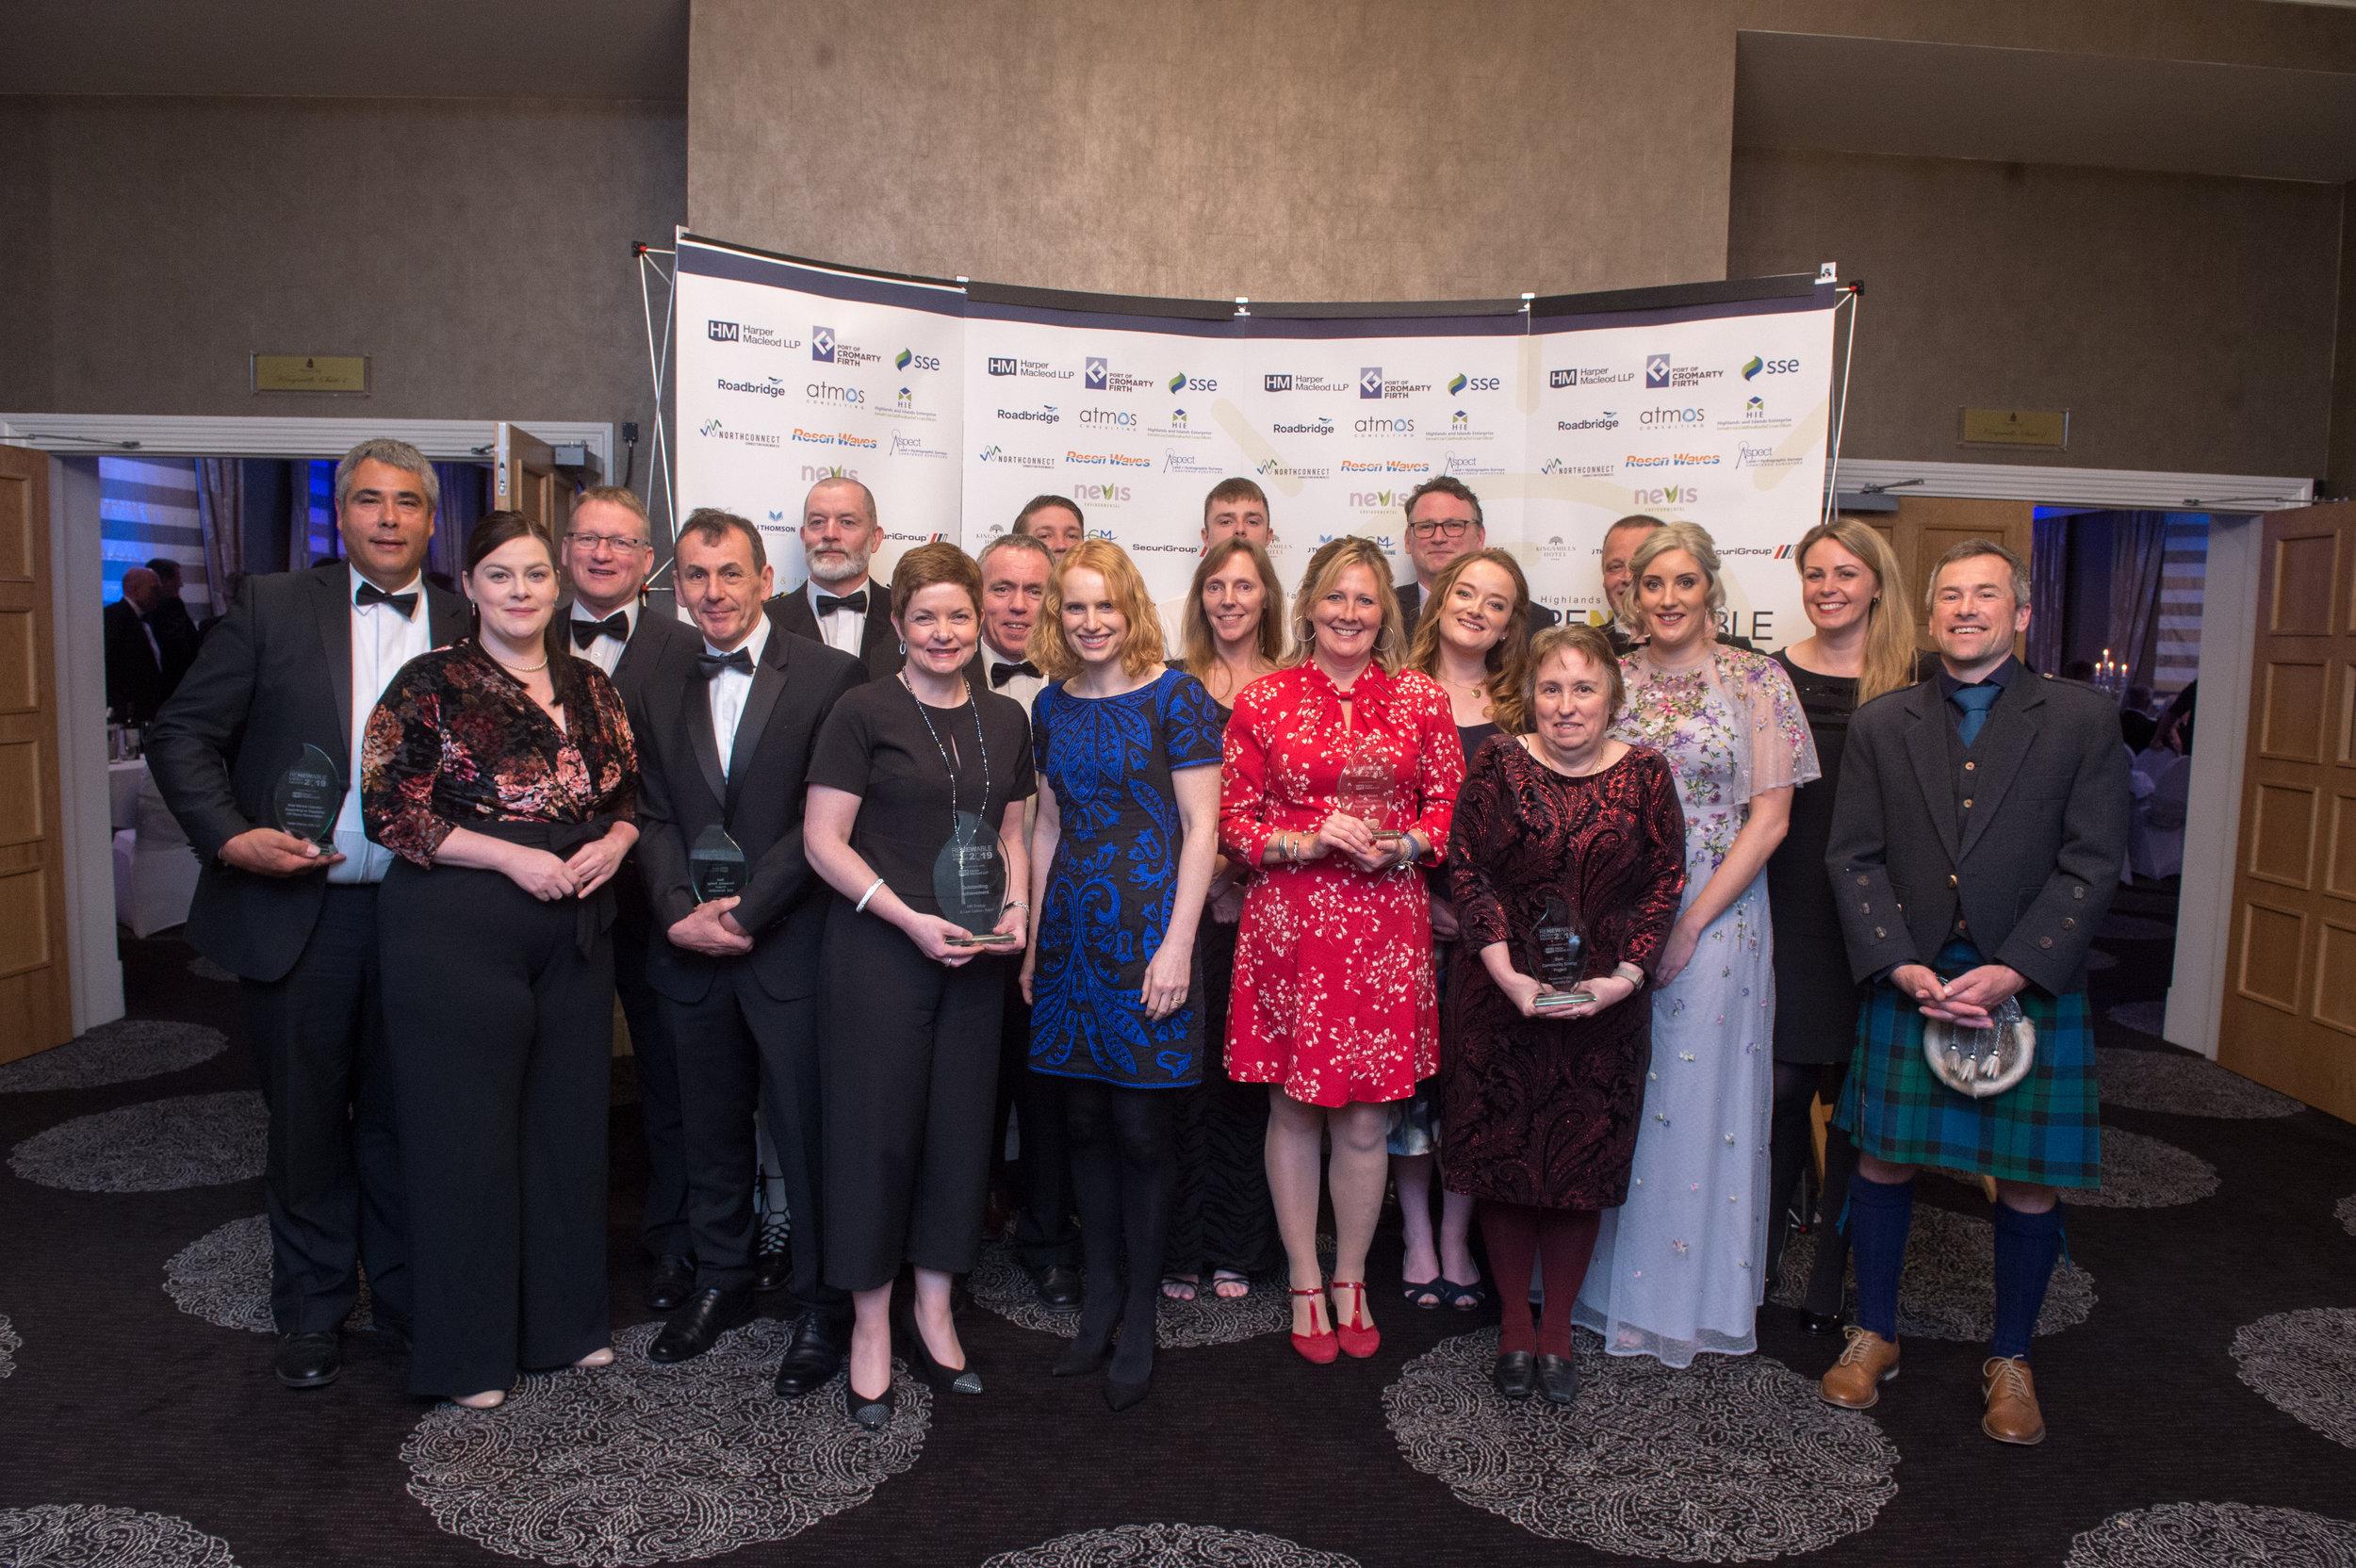 SP_Energy Awards, Kingsmills Hotel 11.jpg